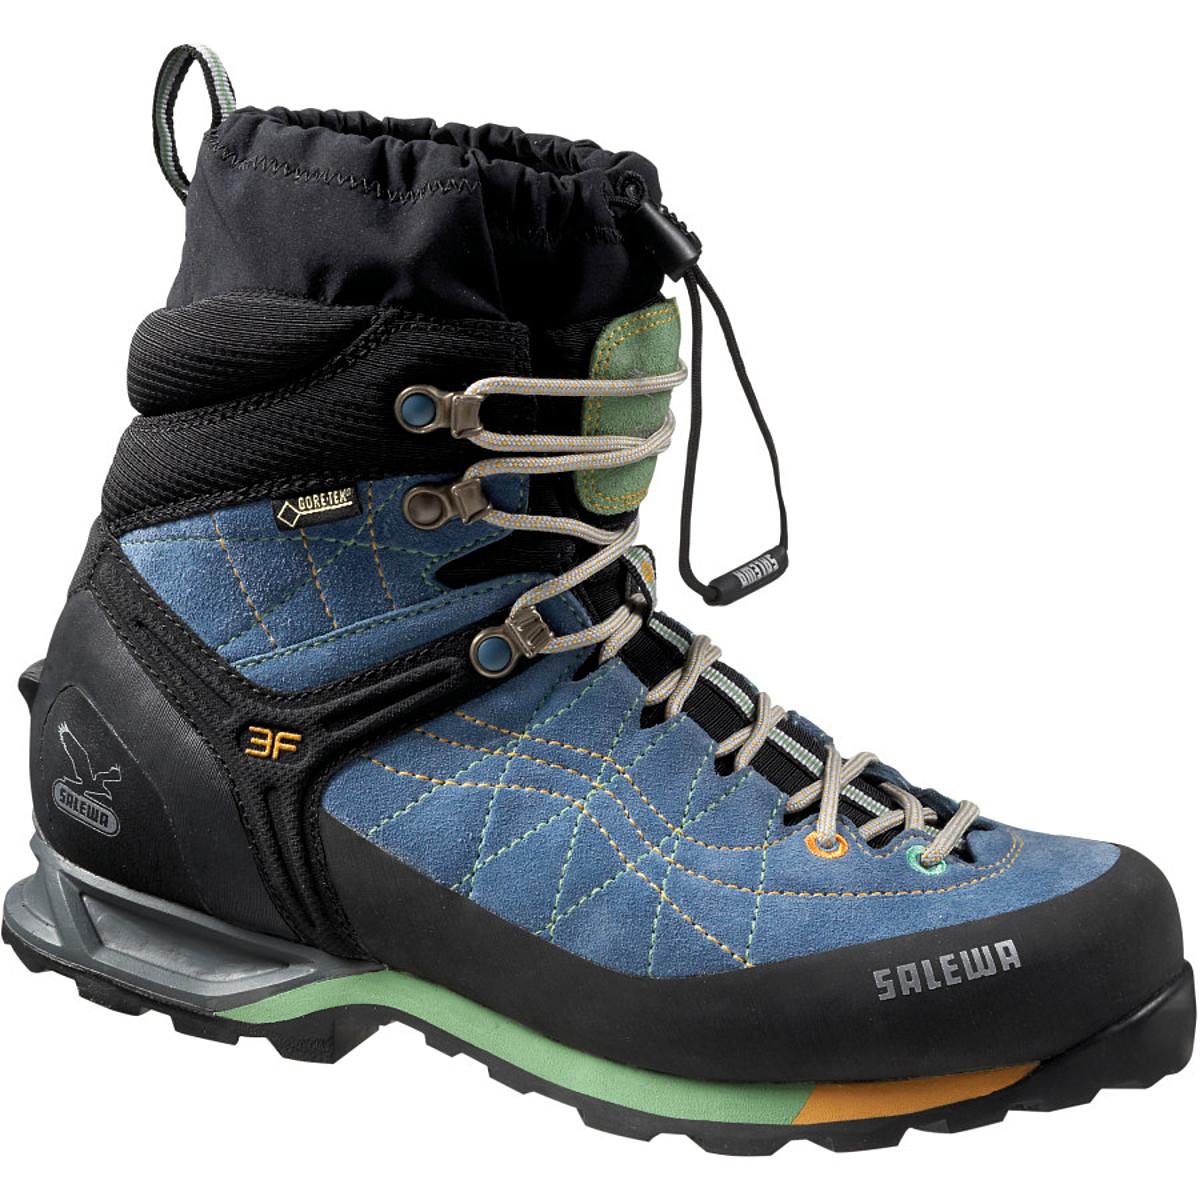 photo: Salewa Women's Snow Trainer Insulated GTX winter boot